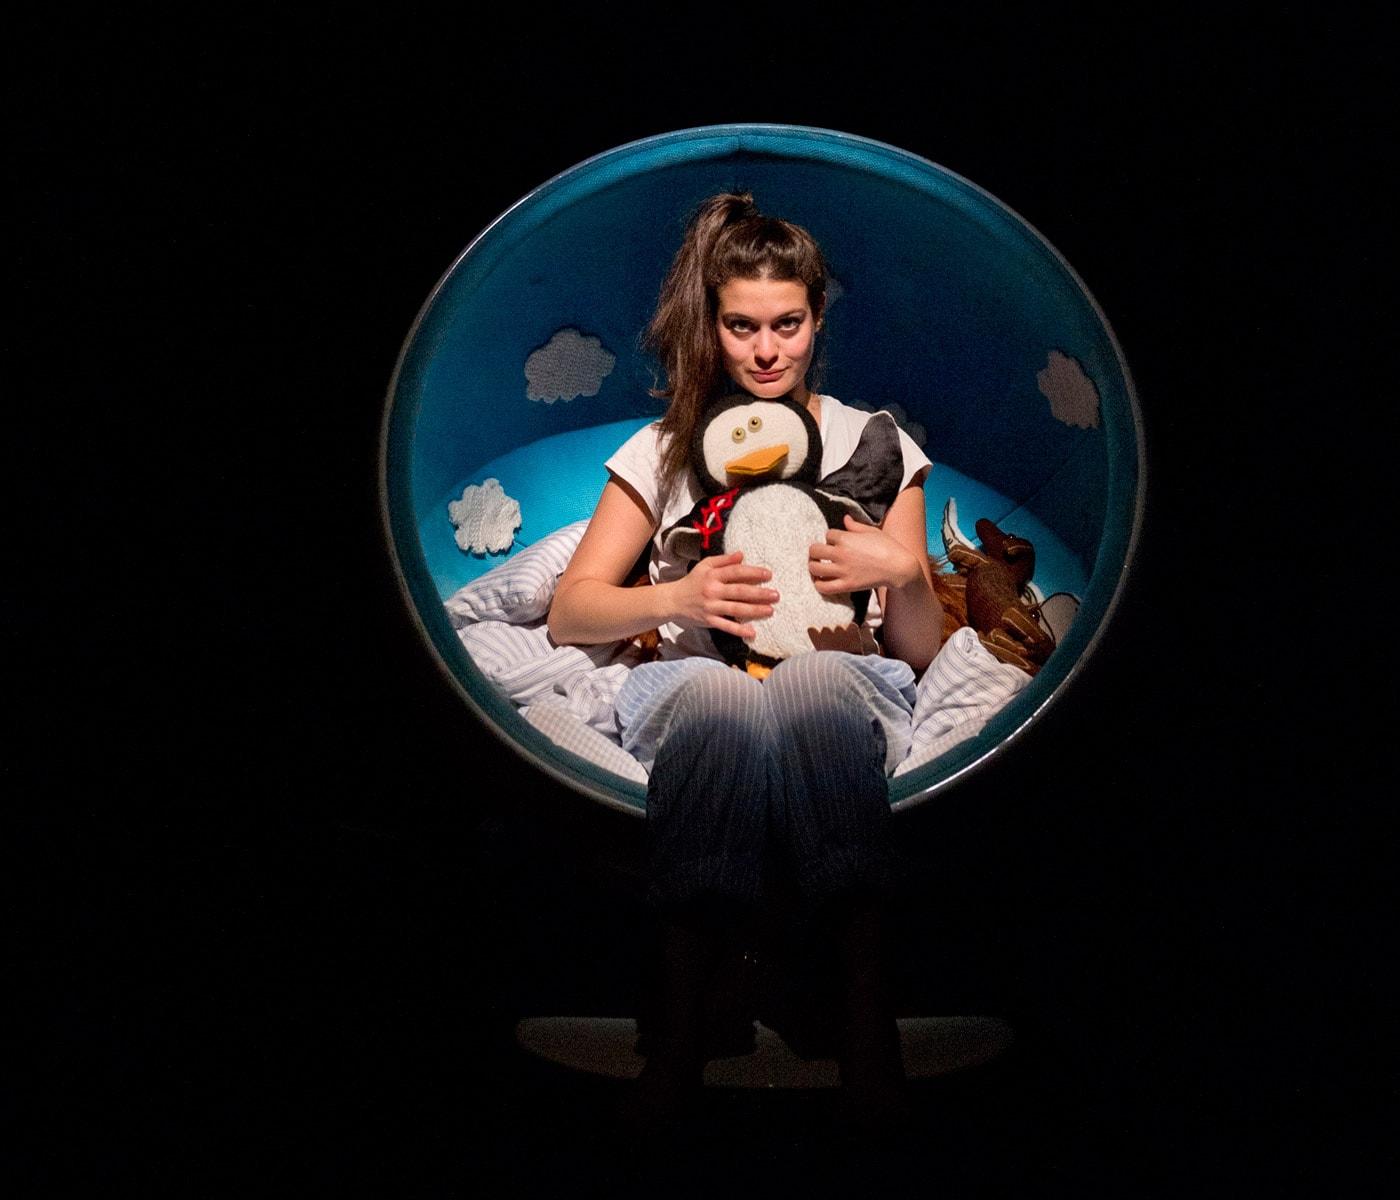 Online-Theater für Kinder: Schreimutter in der Schauburg München // HIMBEER